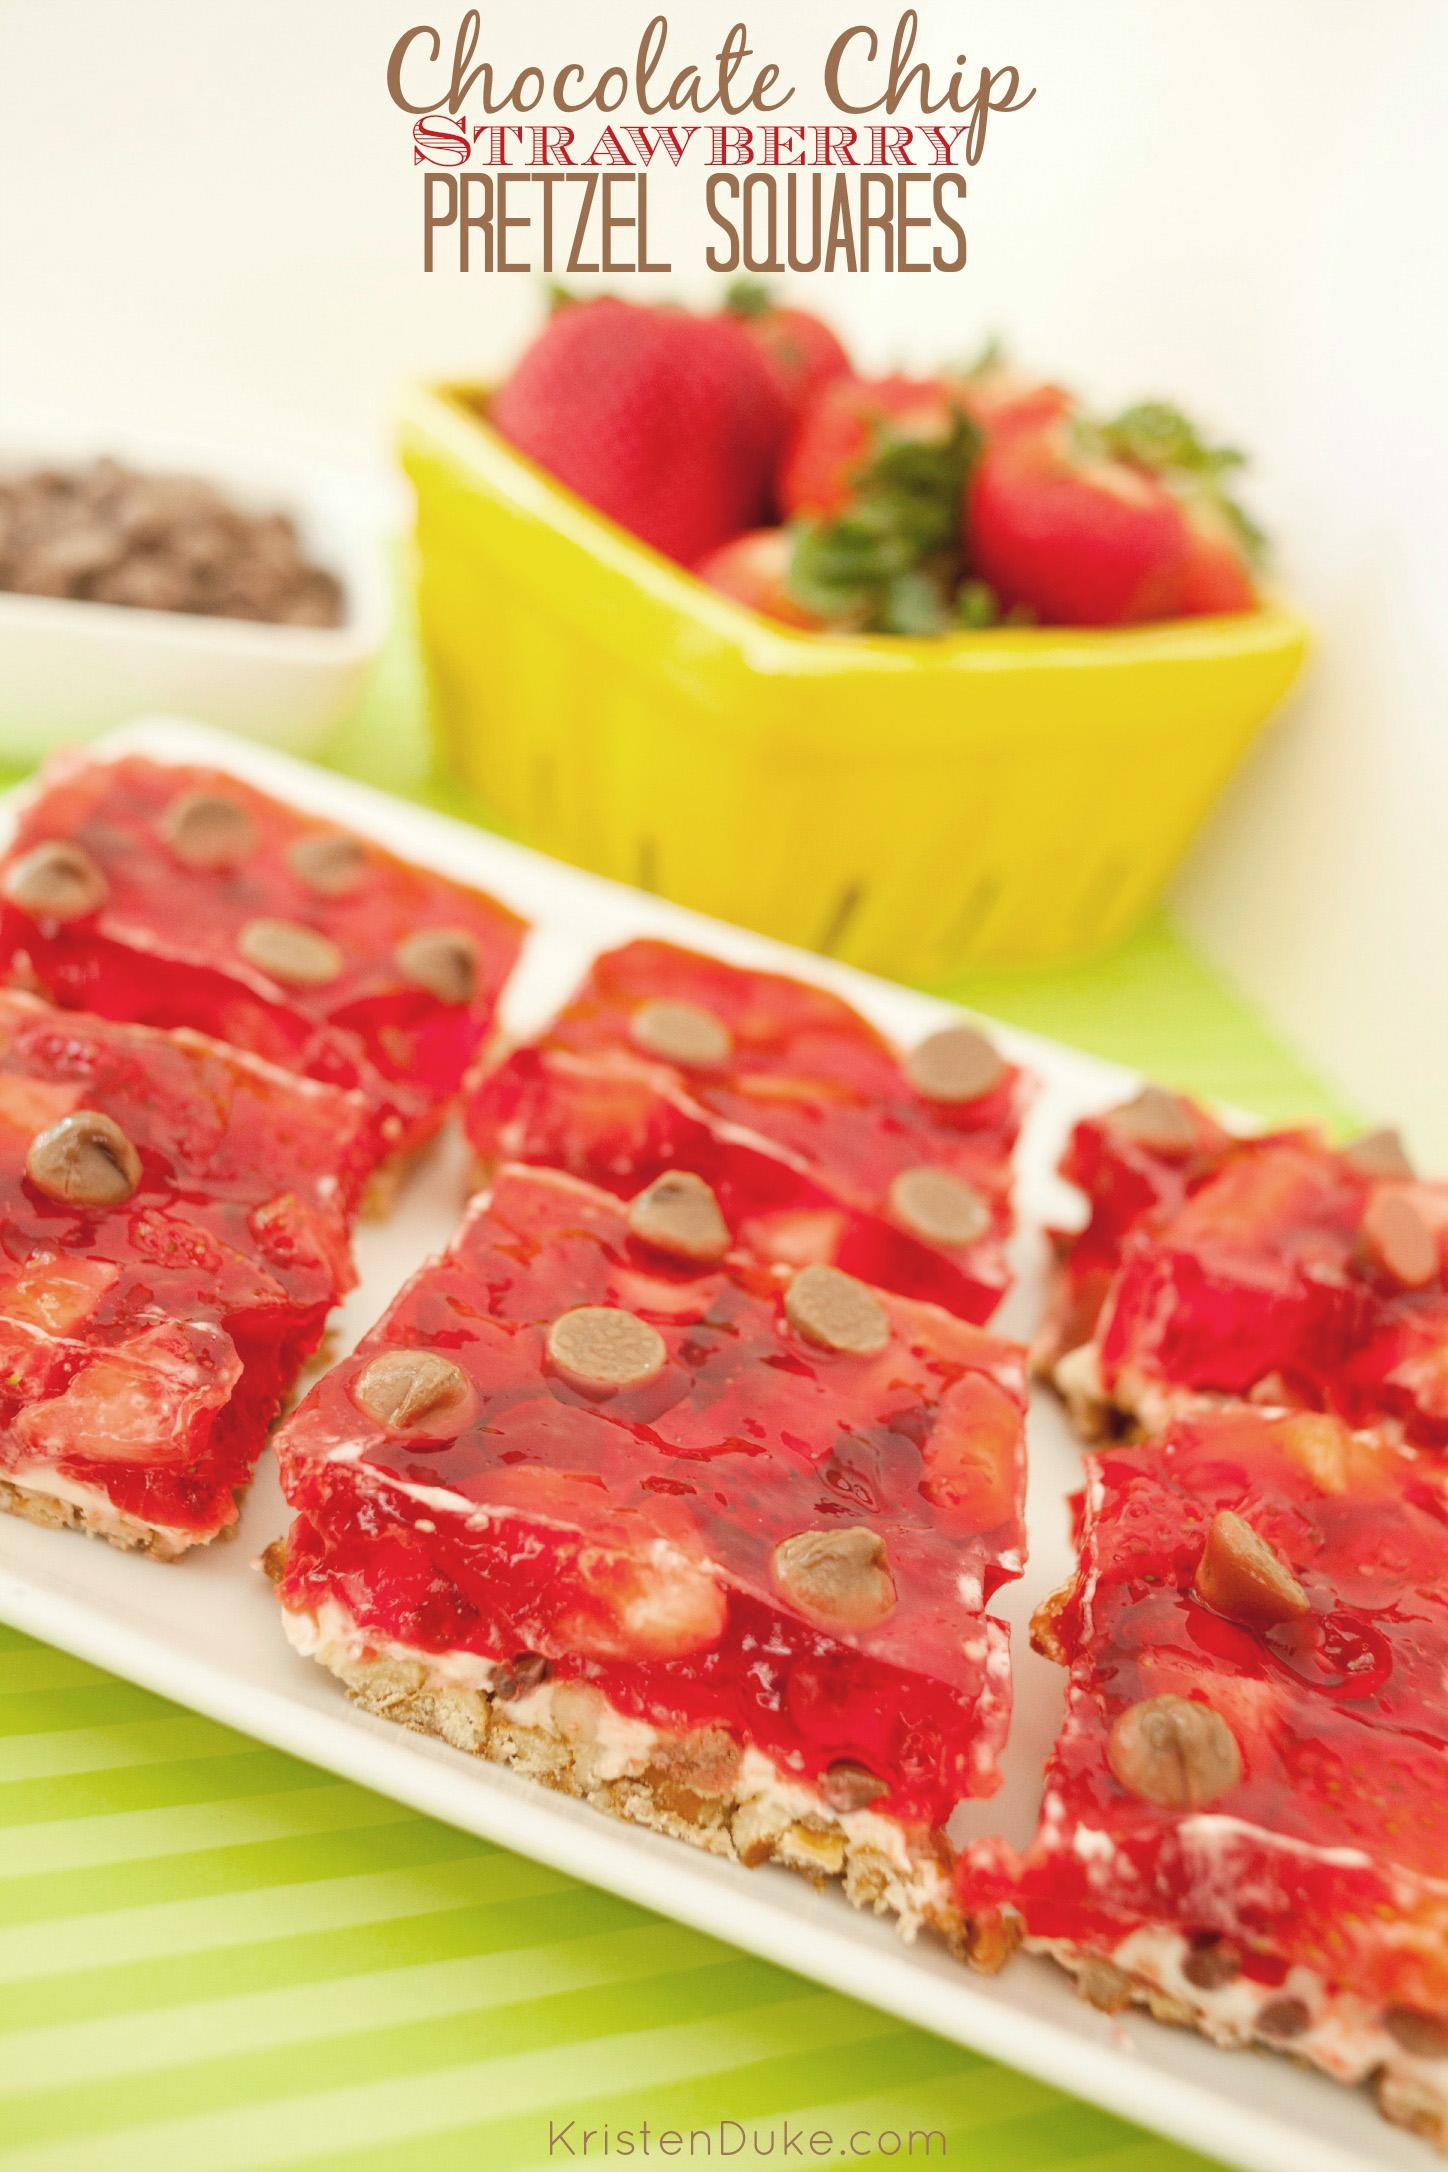 Chocolate Chip Strawberry Pretzel Squares